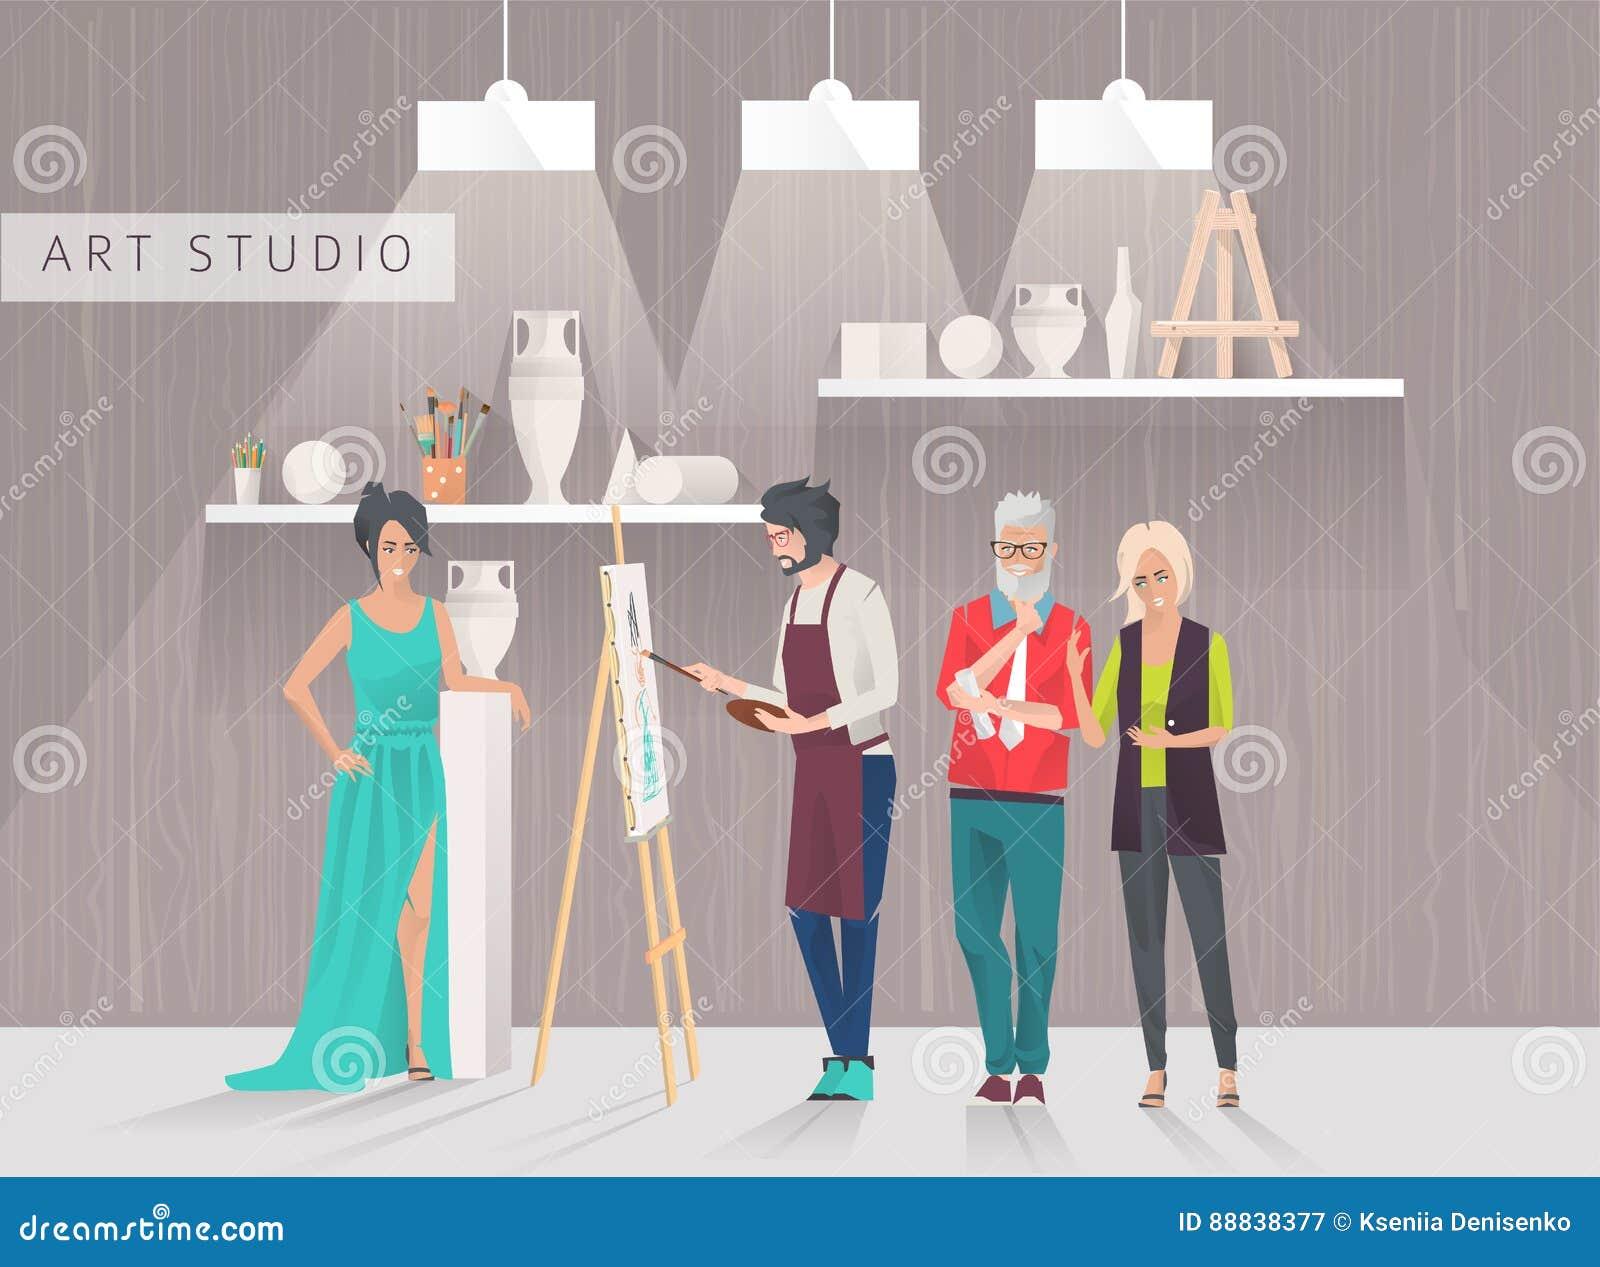 Het concept van de kunststudio